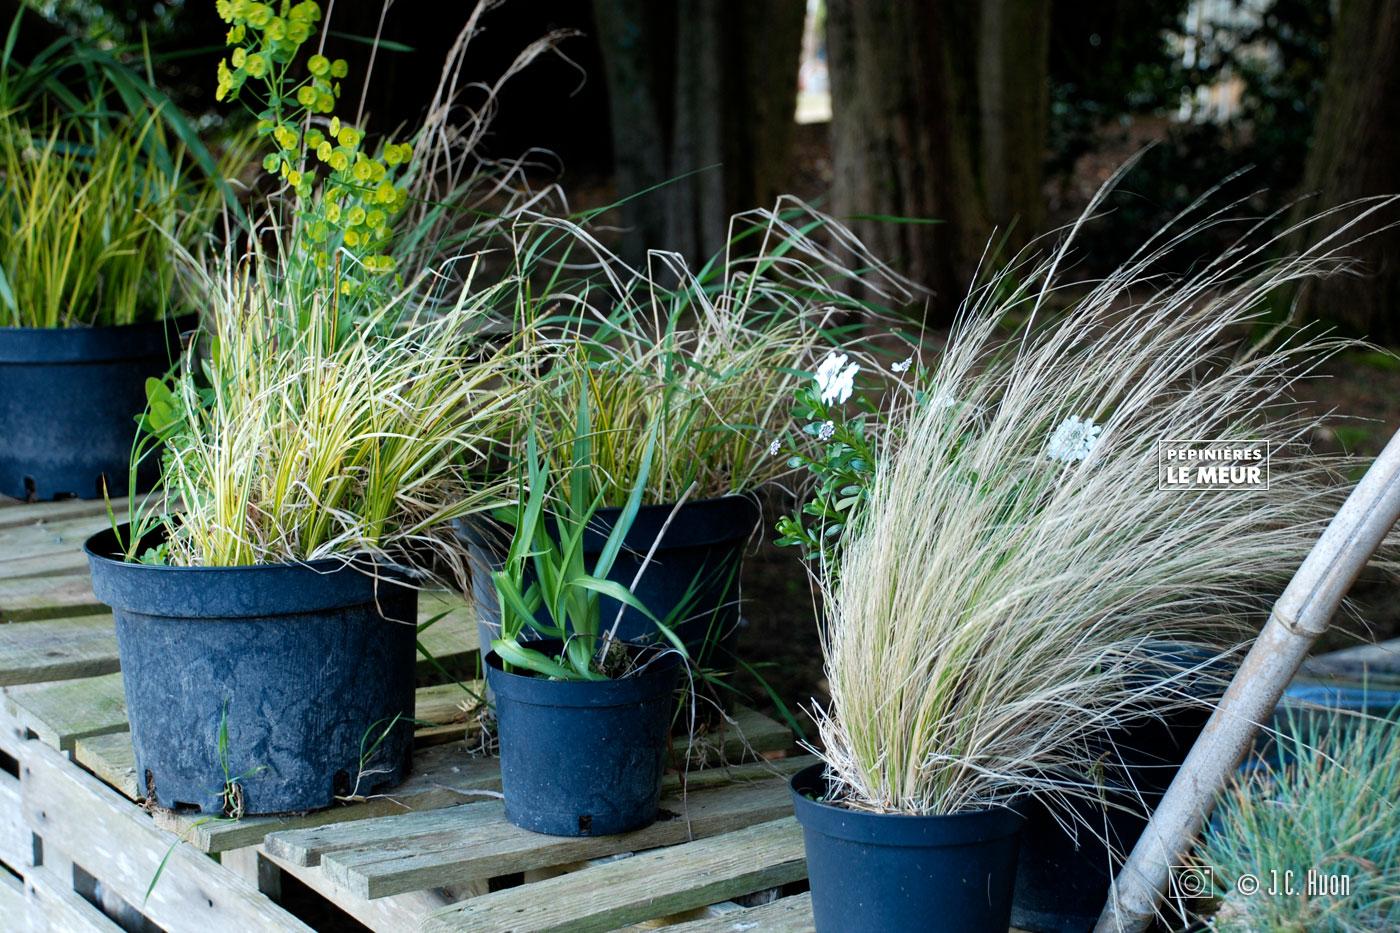 herbes-decoratifs_huon01